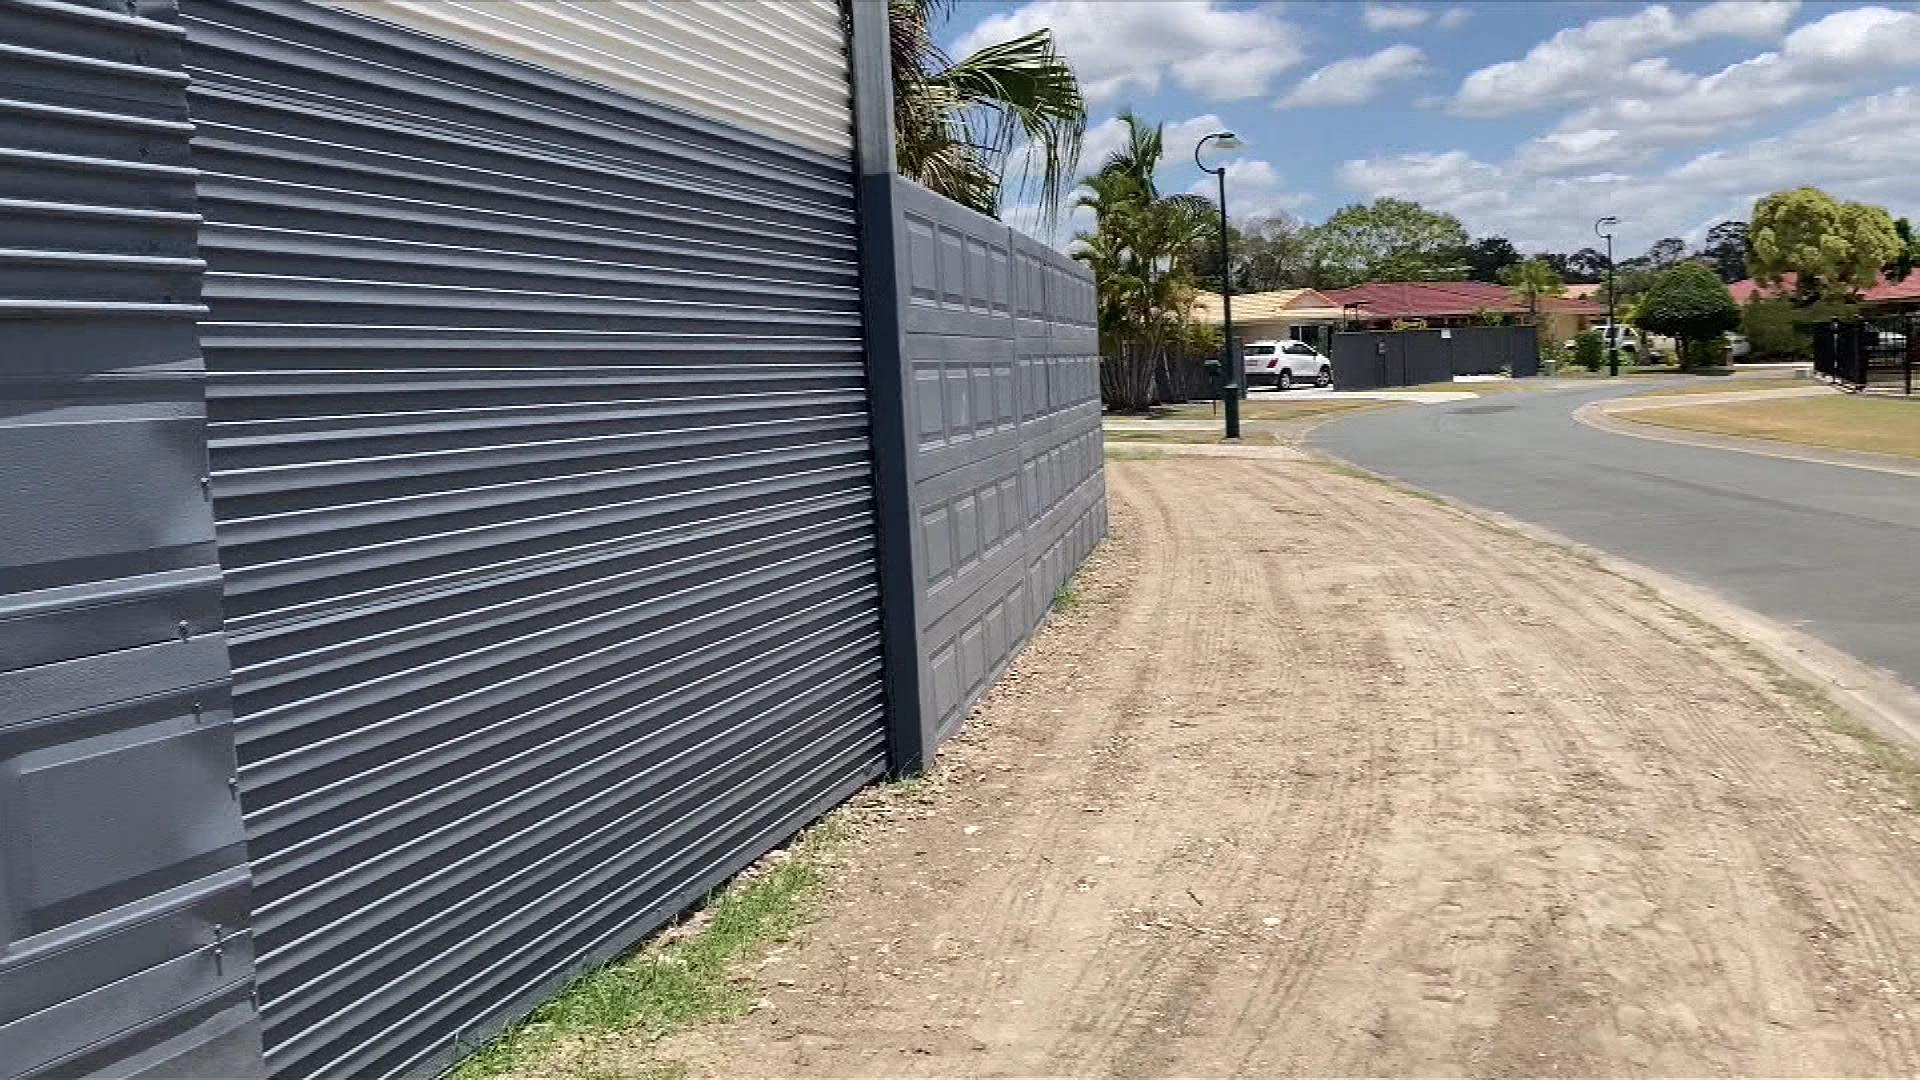 DIY fence built from garage doors divides Gold Coast neighbourhood